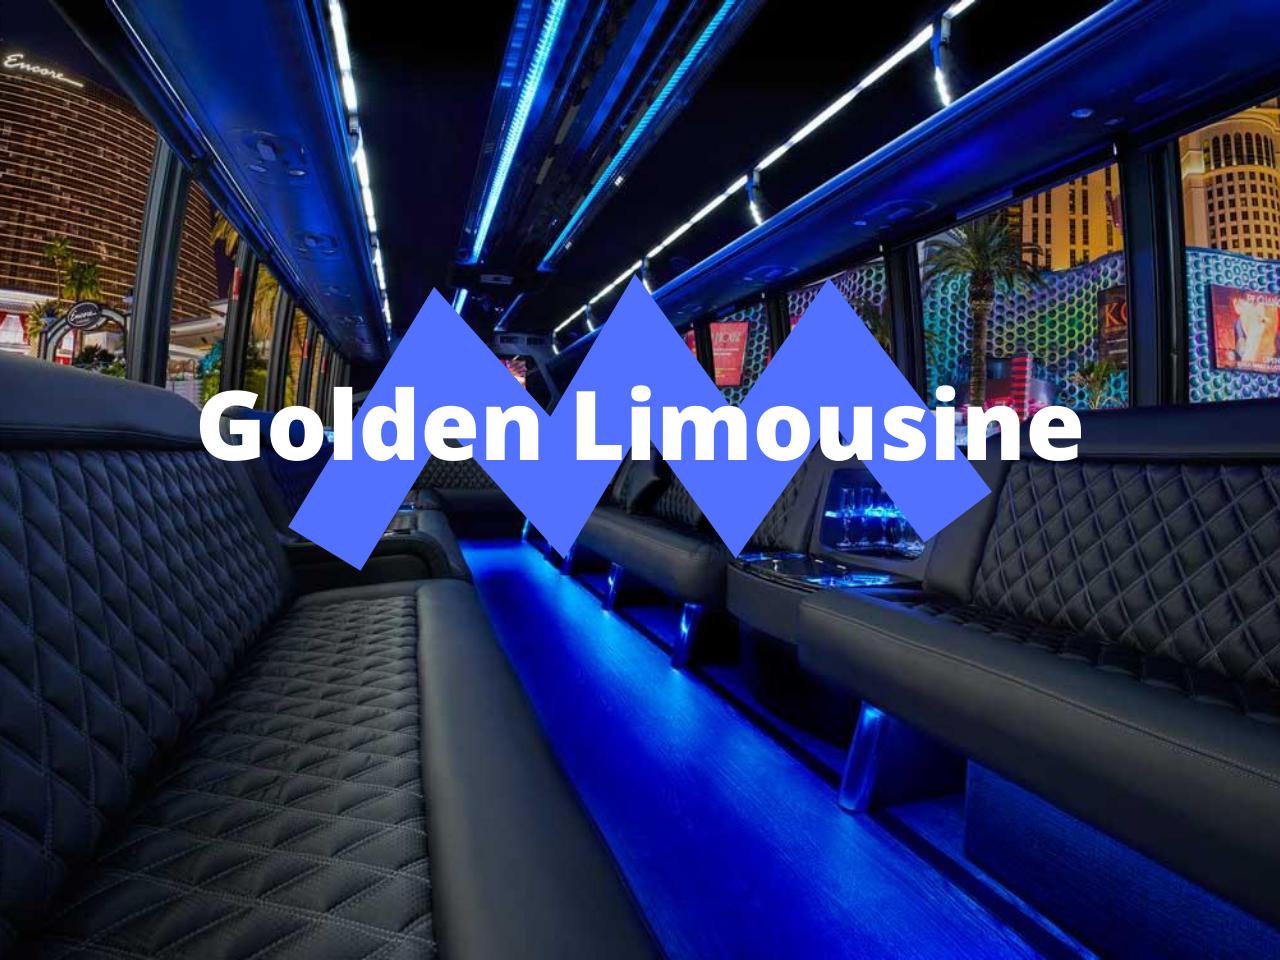 Golden Limousine